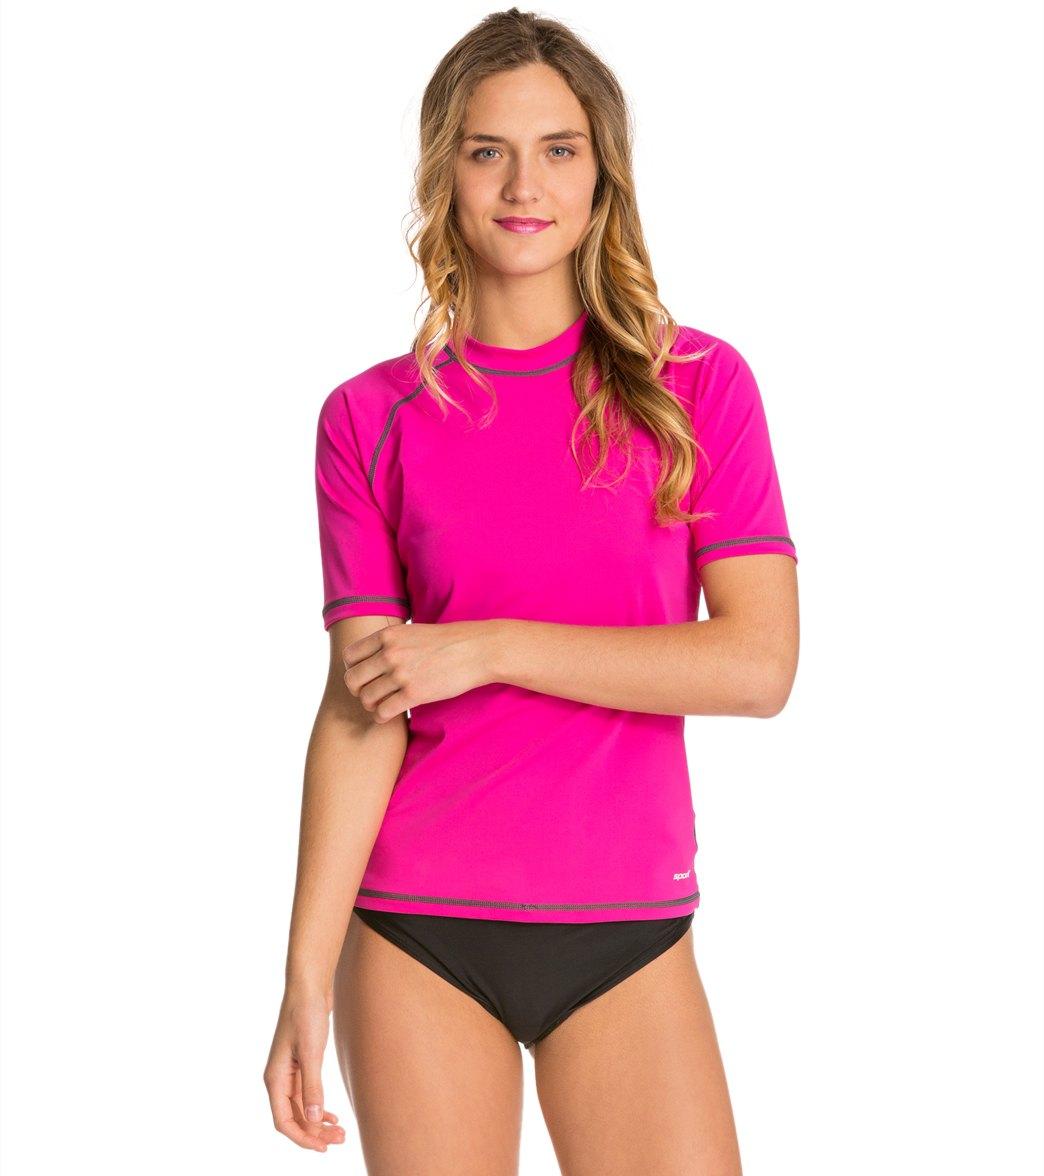 eccc9964e2662 Sporti Women s S S UPF 50+ Swim Shirt at SwimOutlet.com